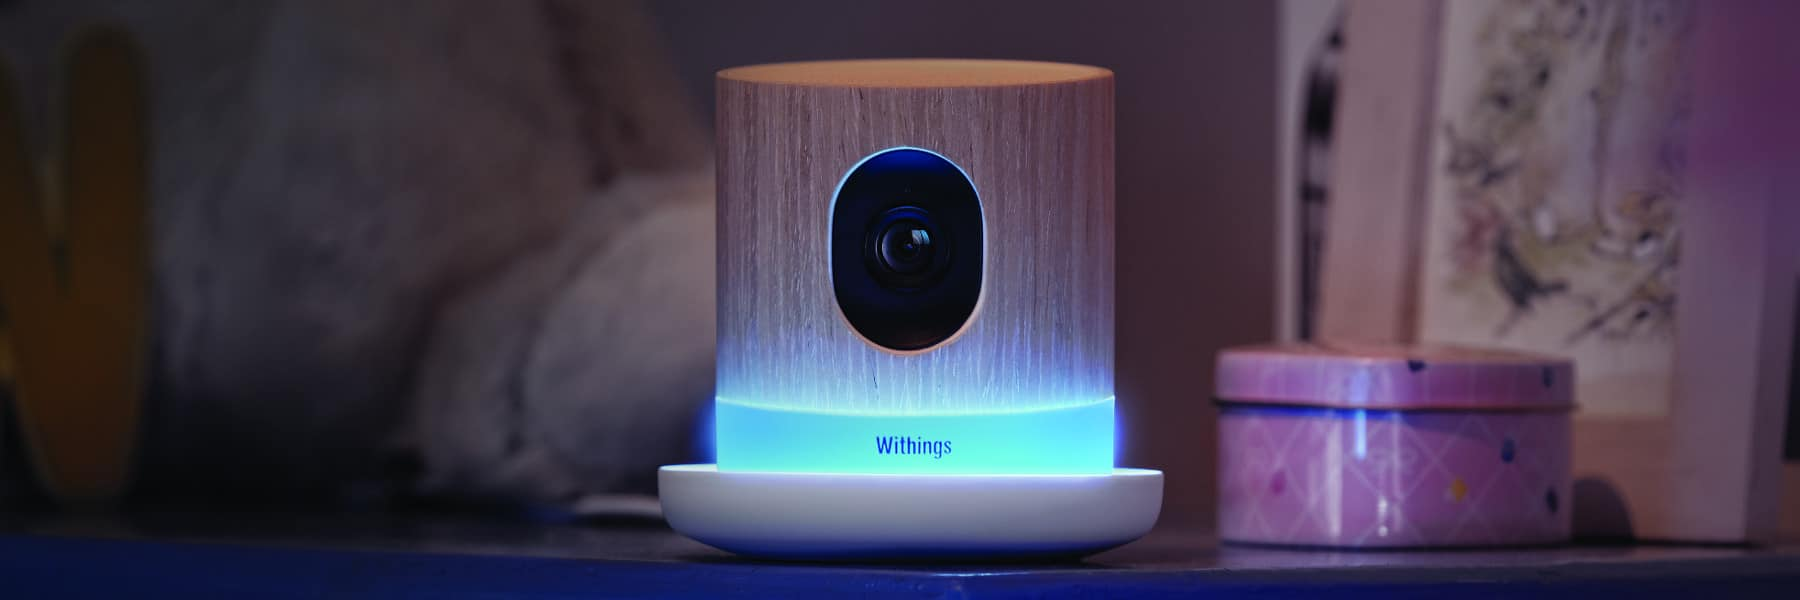 Withings Home Plus: Überwachungskamera mit HomeKit kommt im Februar